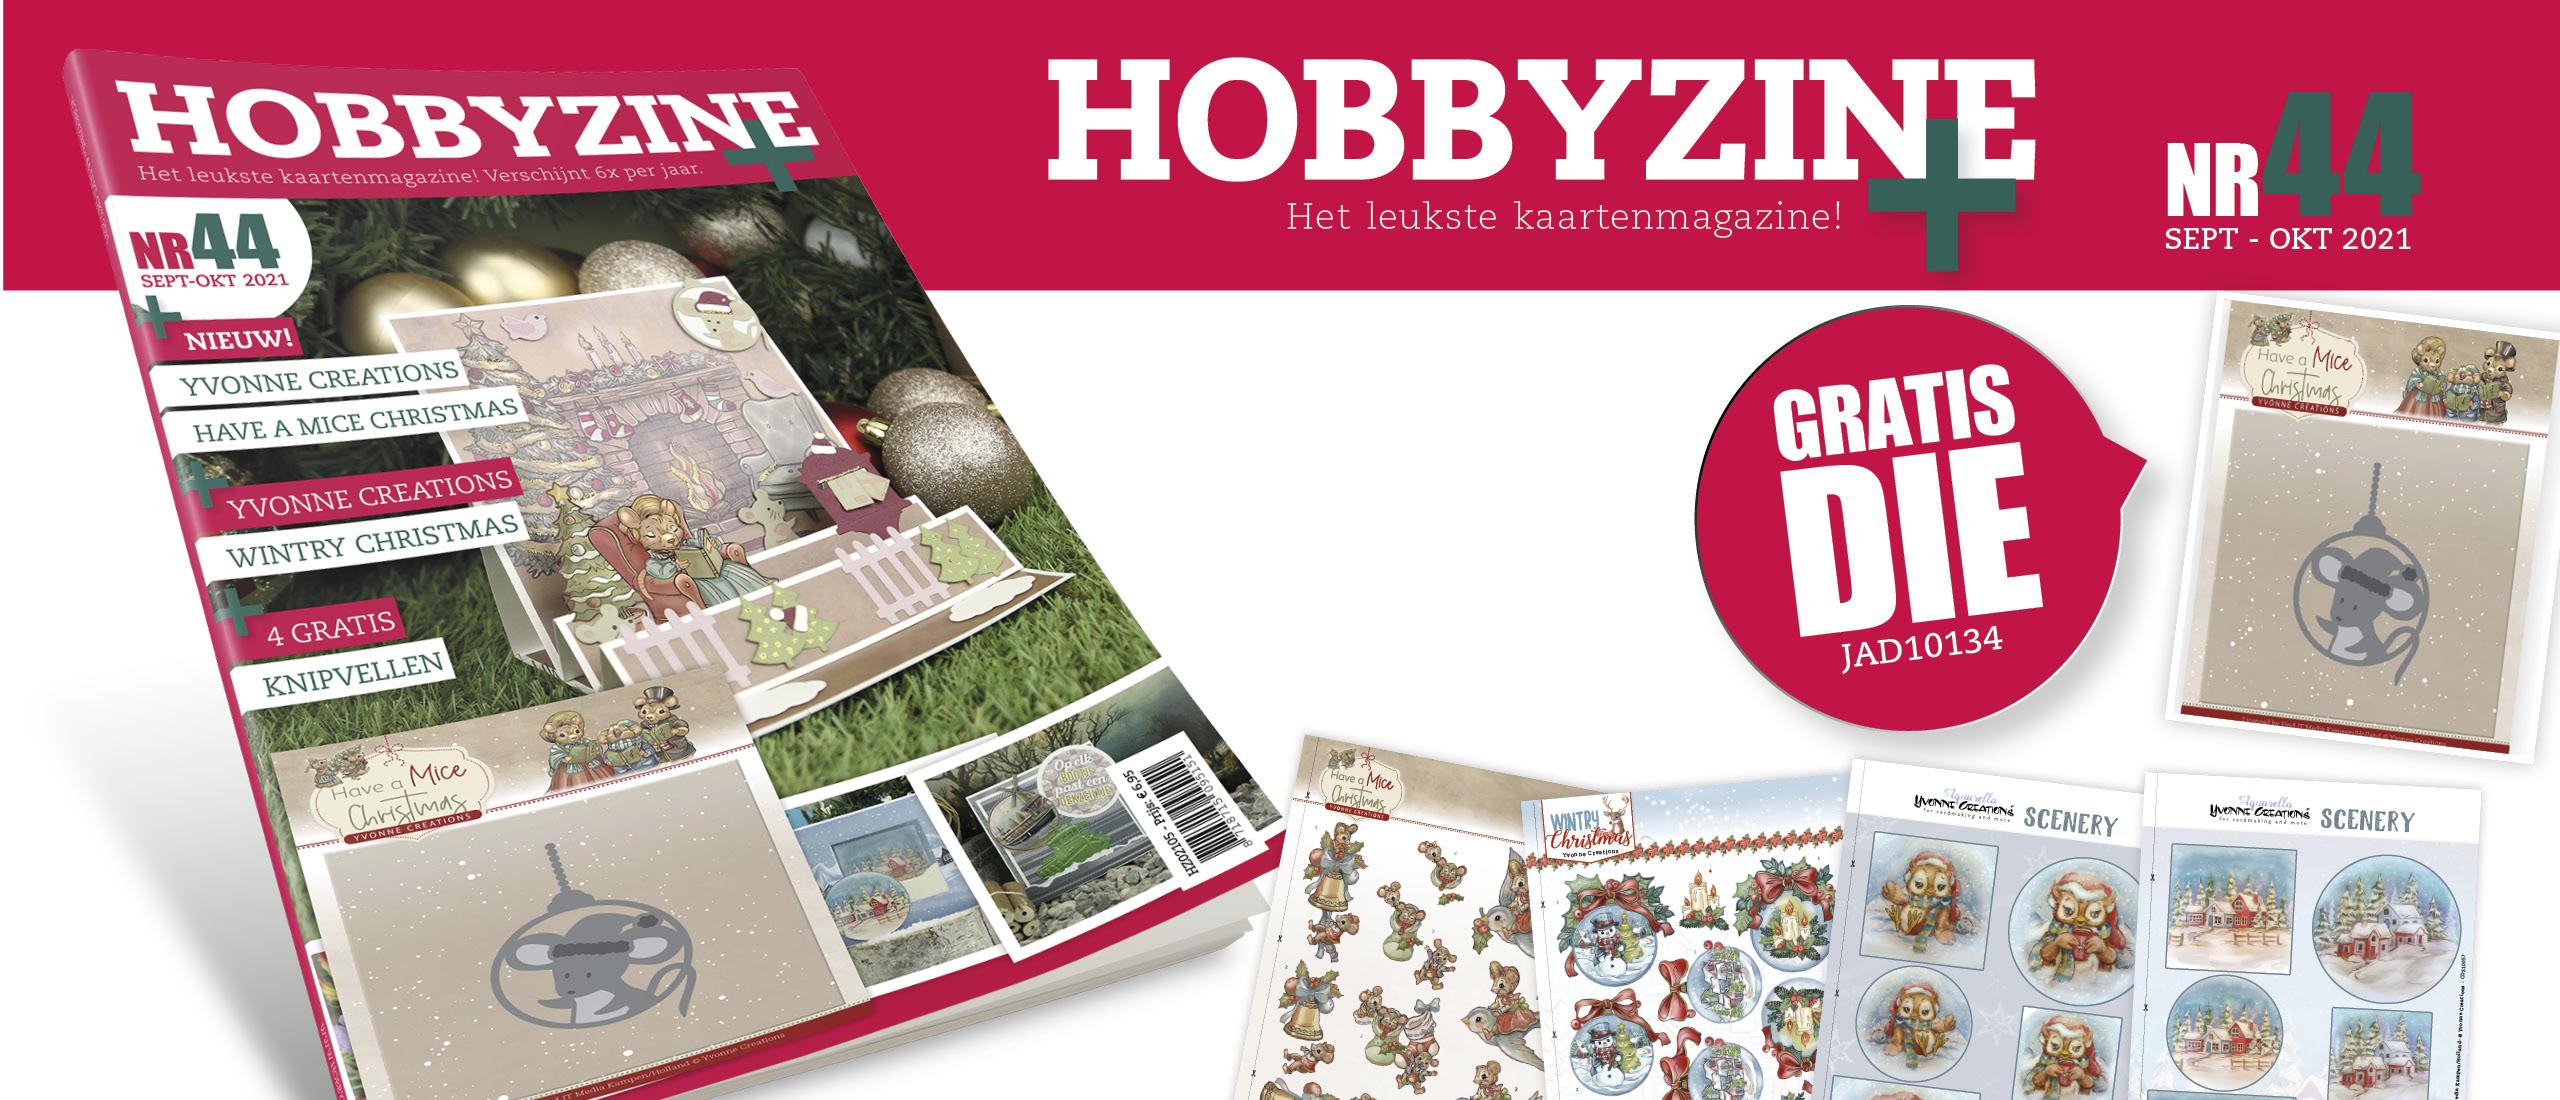 Hobbyzine Plus #44 komt eraan!